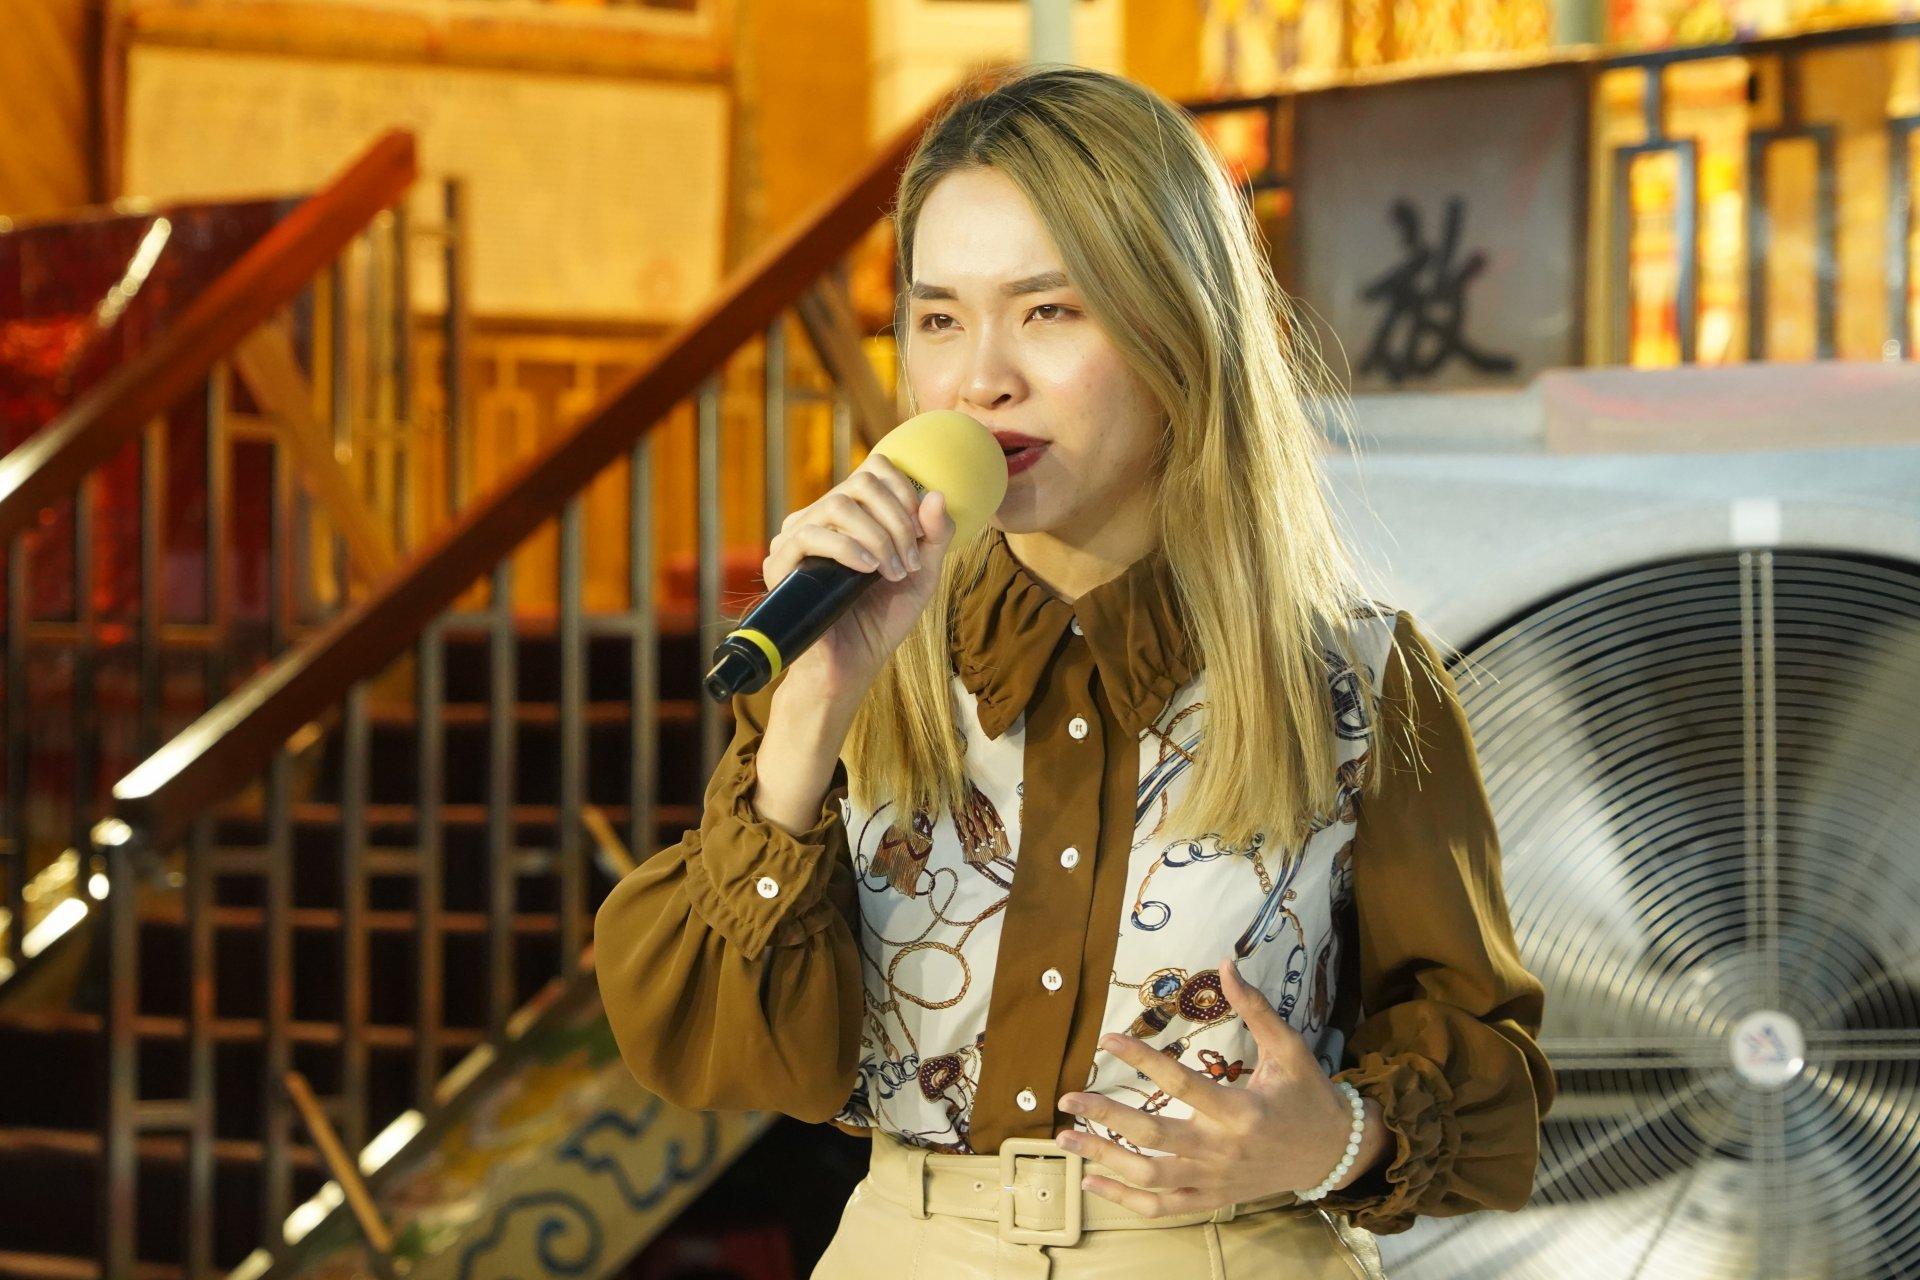 行動佛殿 樂藝供佛 歌手陳宥希公益演出